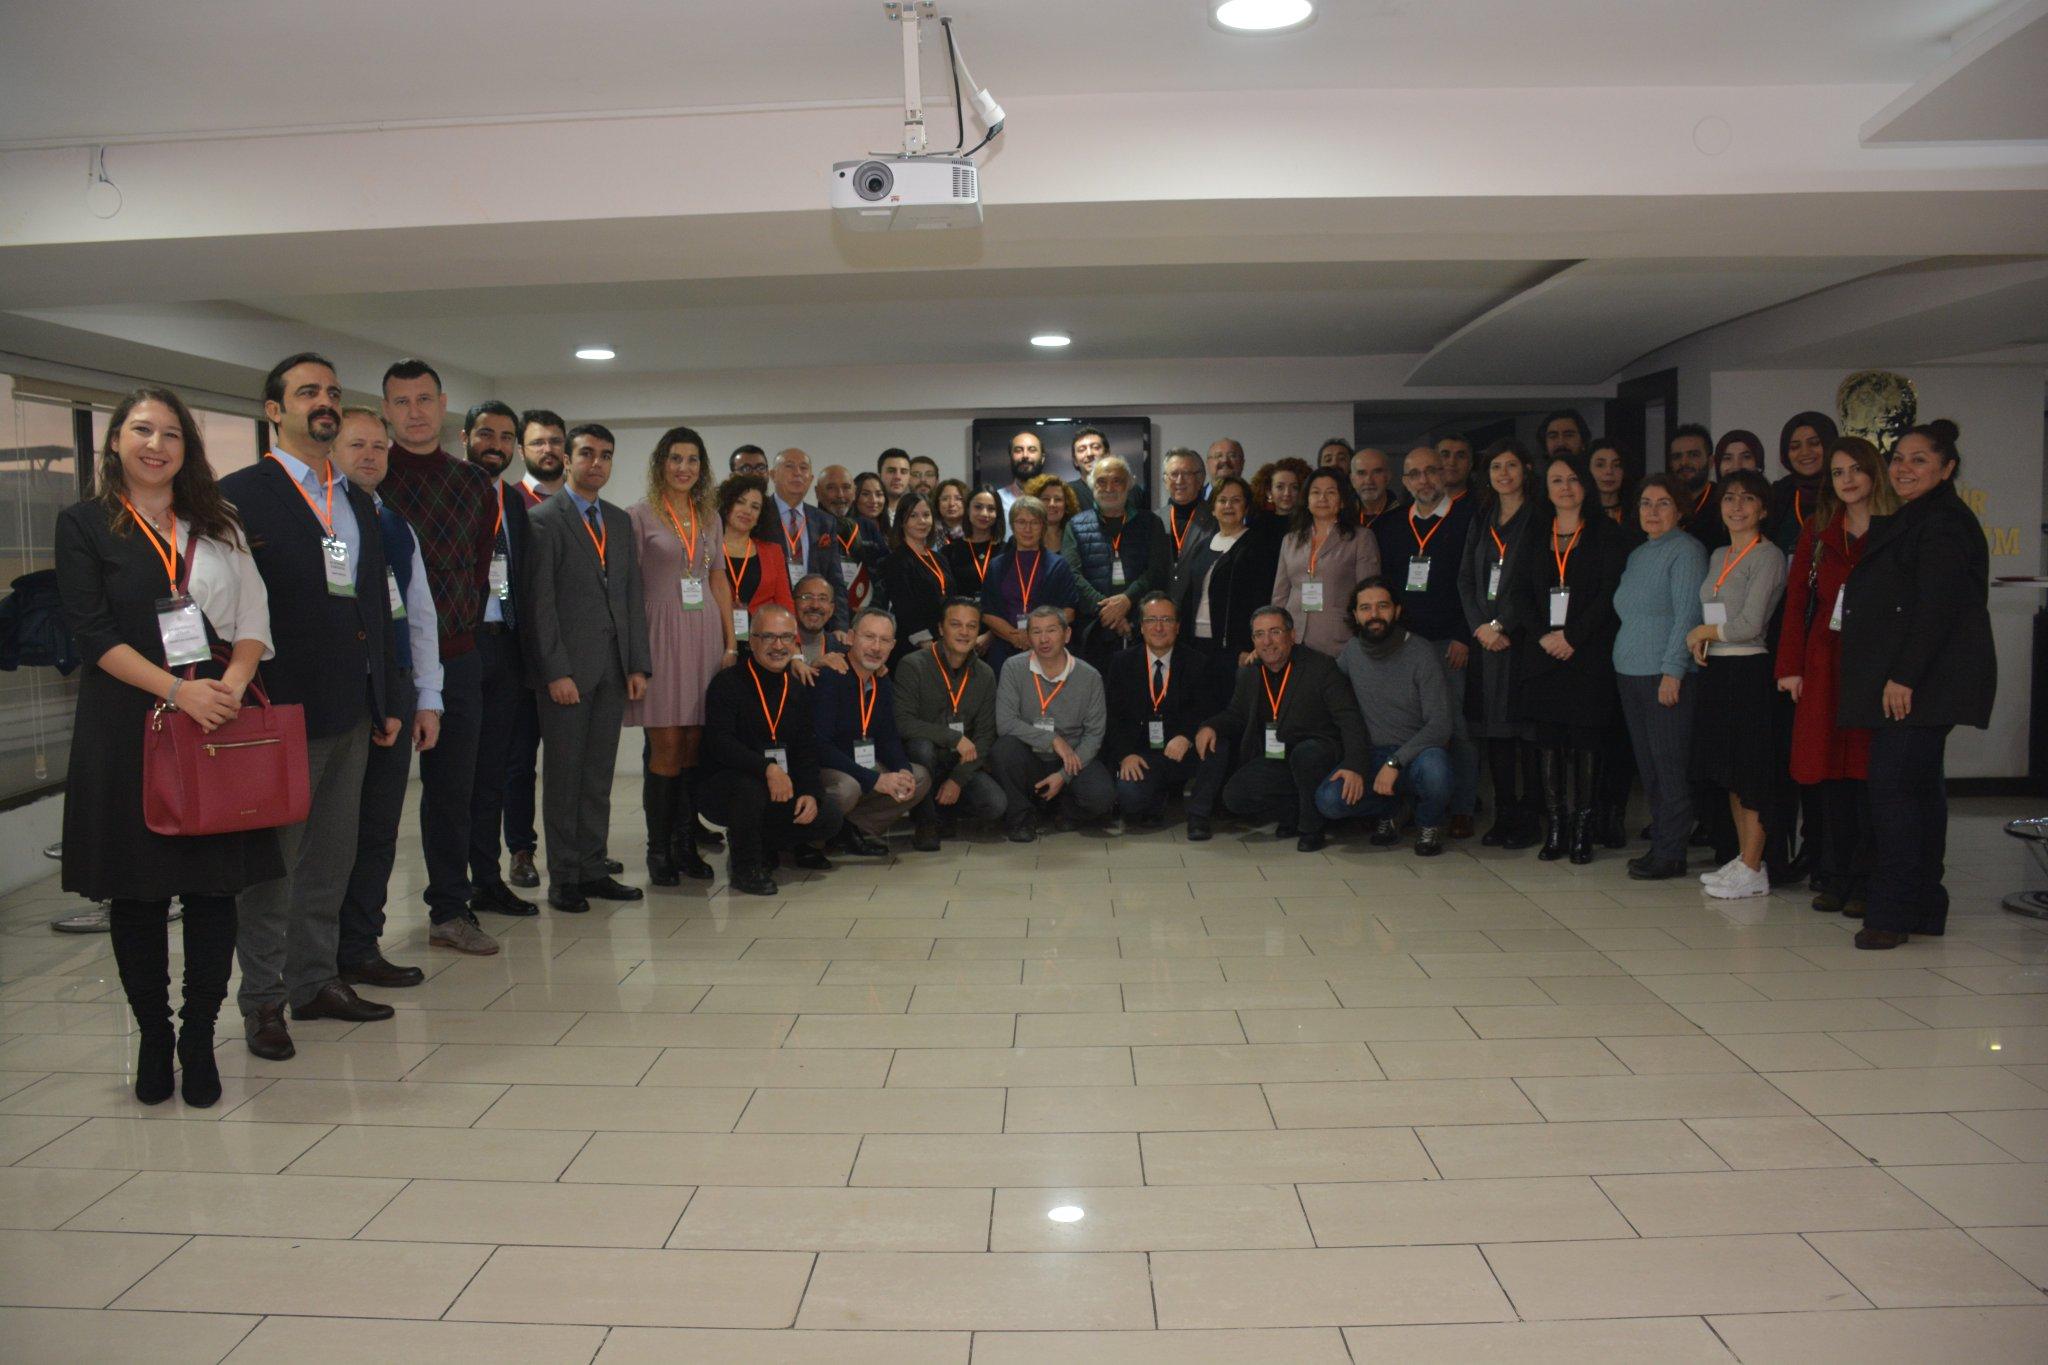 Barolar Kent ve Çevre Komisyonları sonuç bildirgesini açıkladı